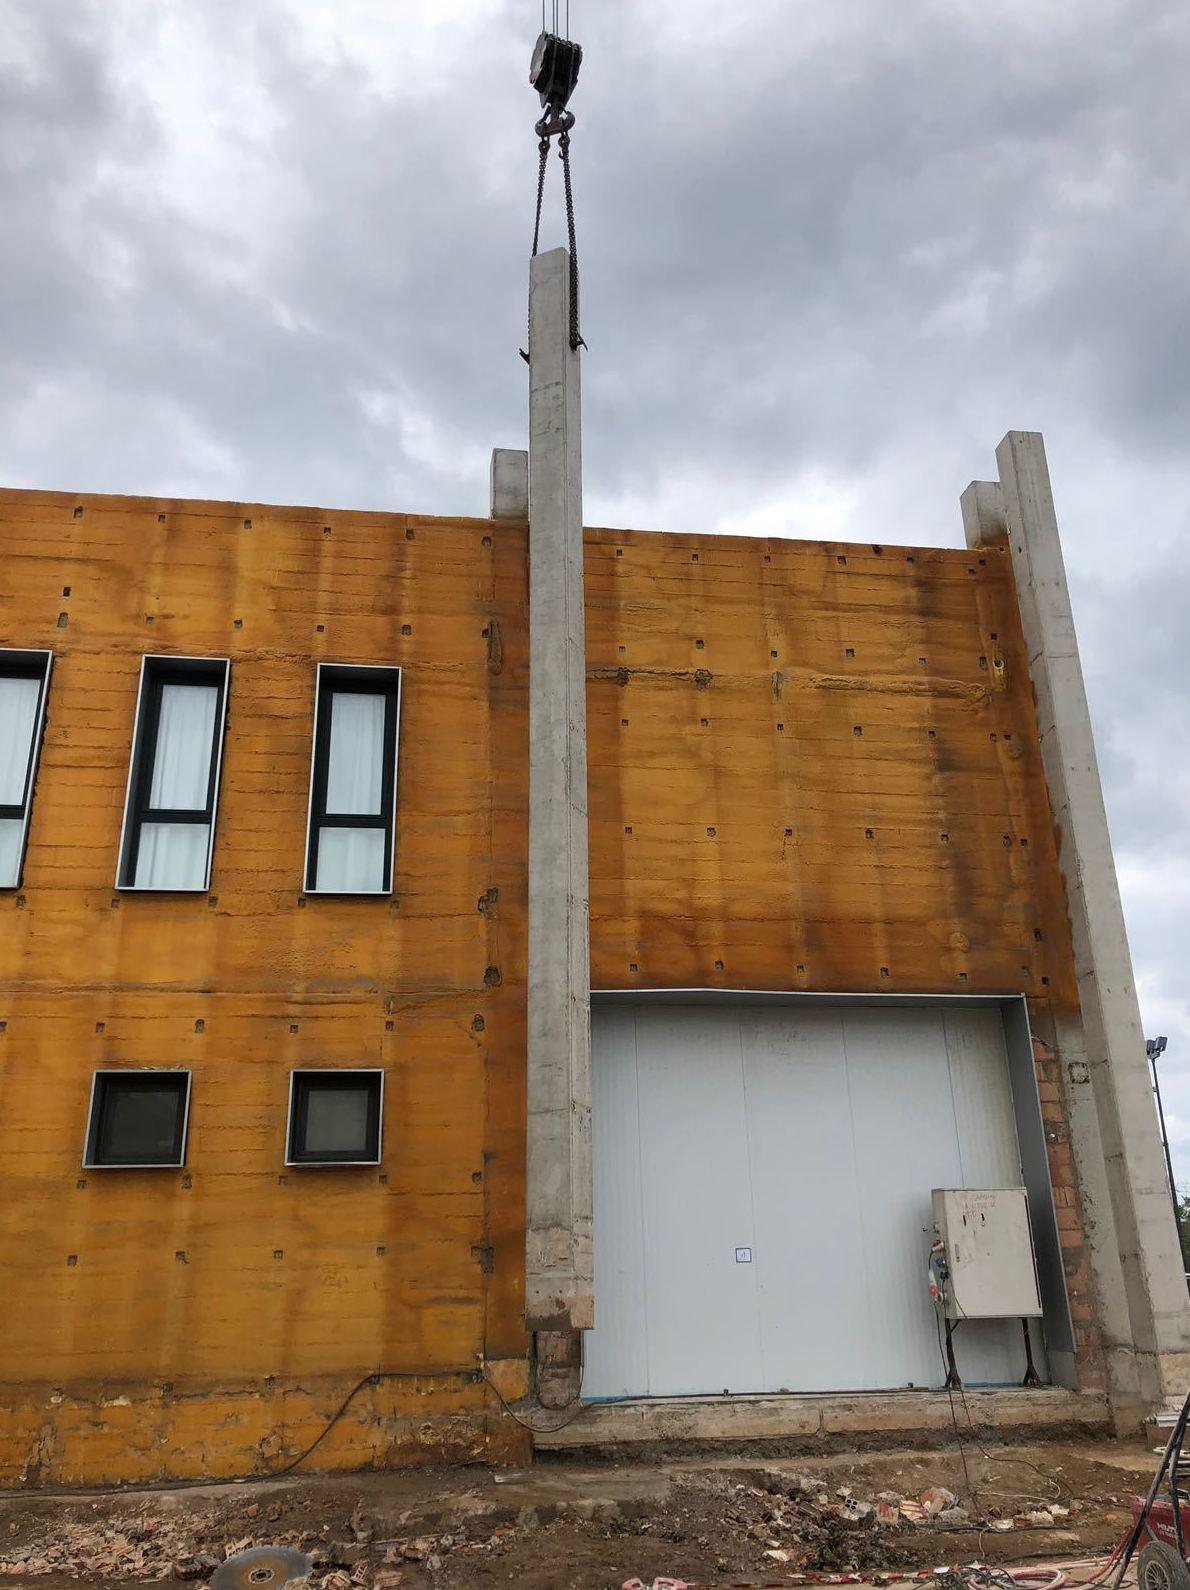 Cortes de pilares de diez metros de altura